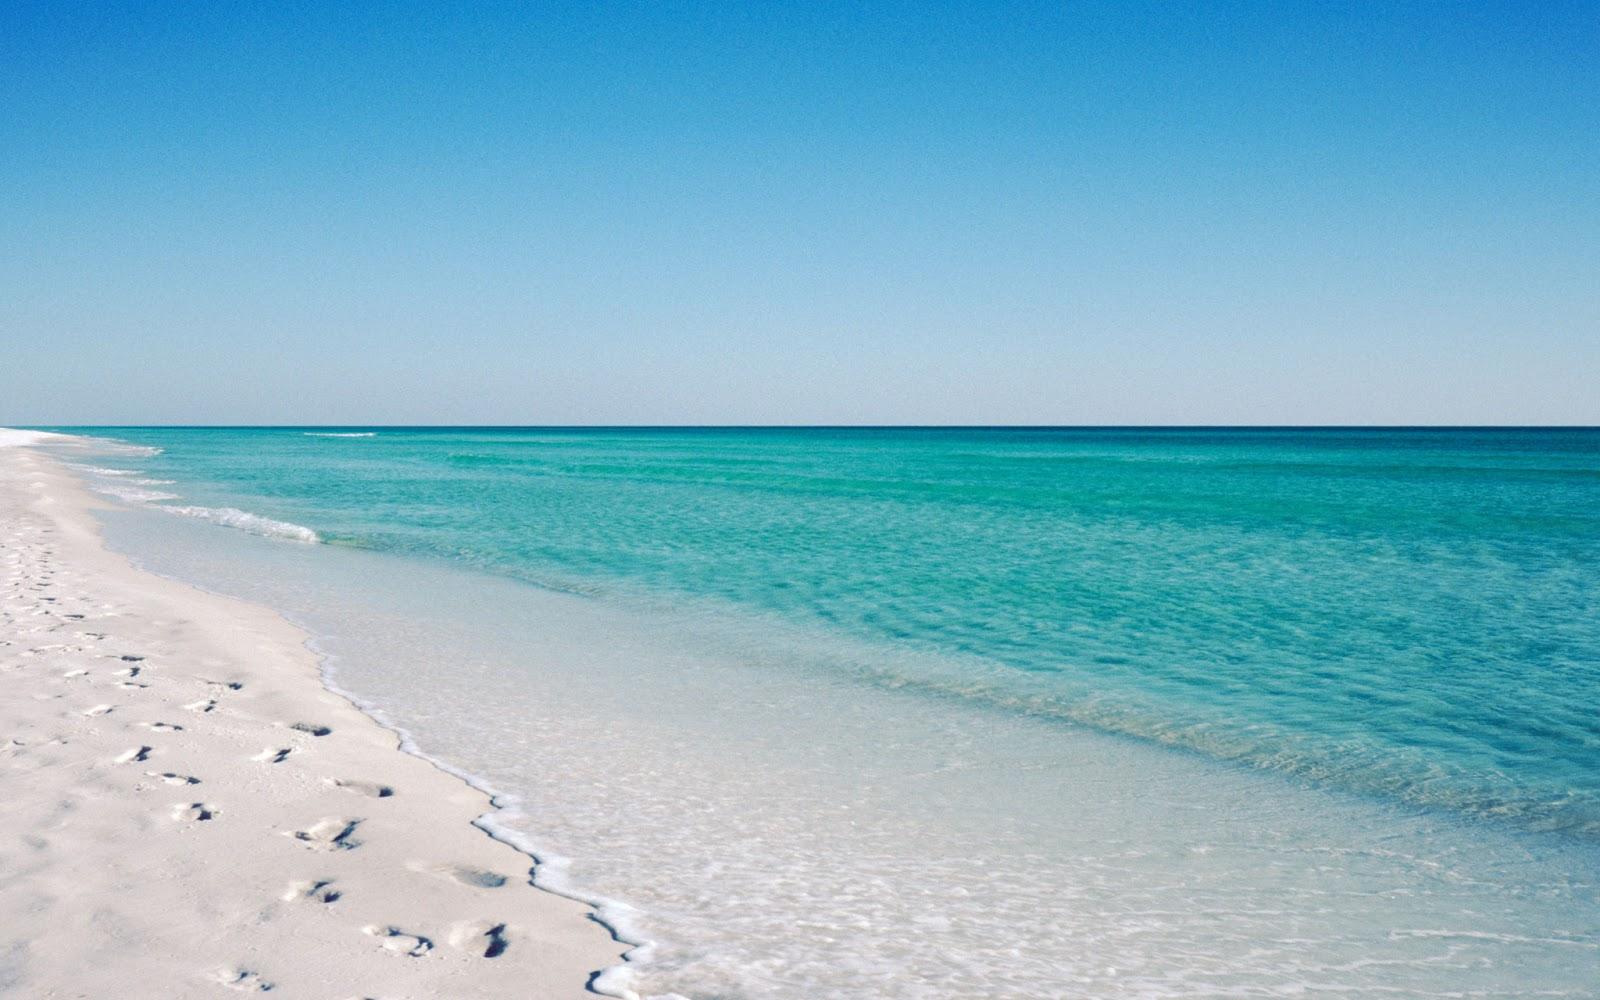 Florida Beach Scene Wallpaper Wallpapersafari